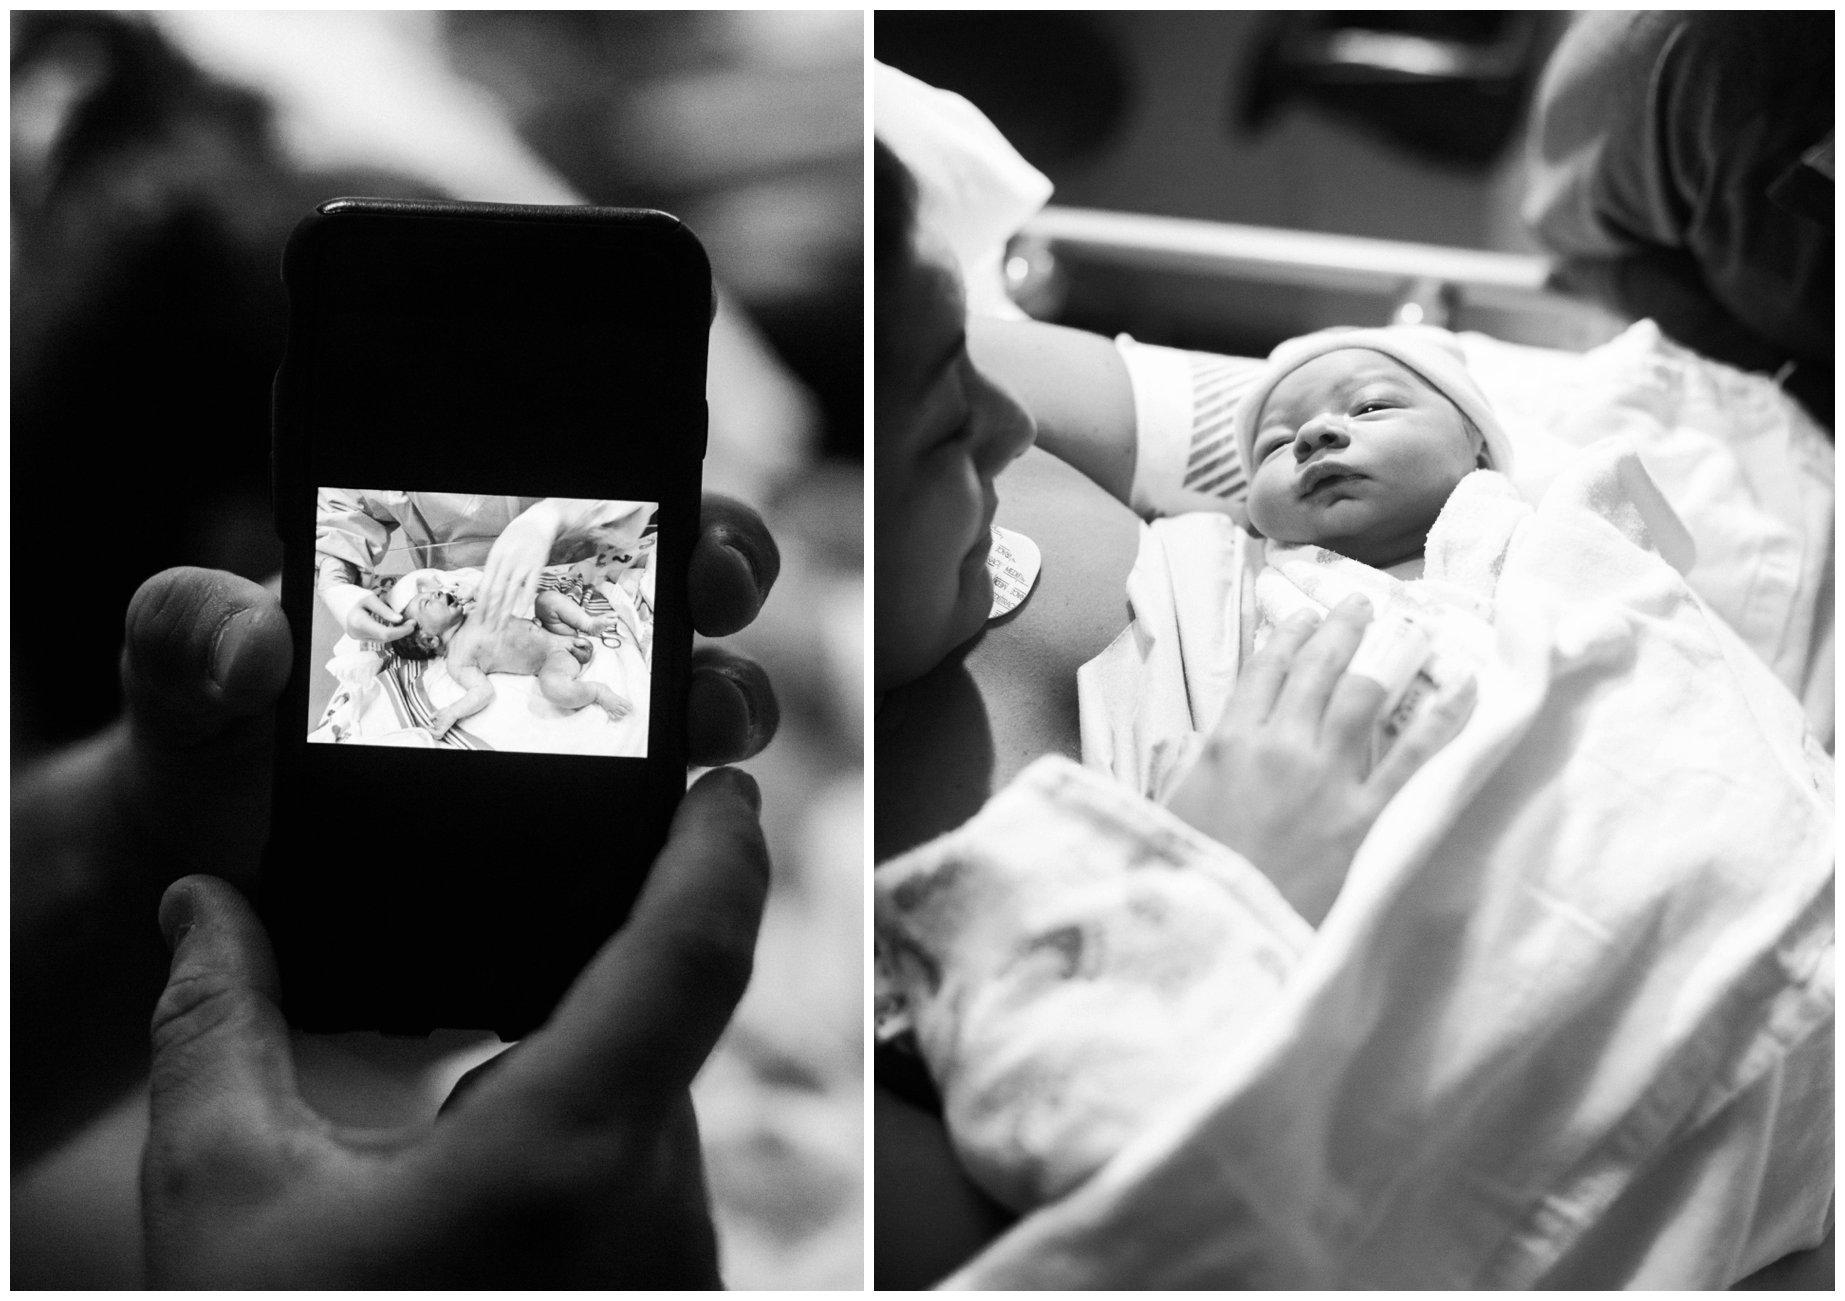 st louis photography_maternity_lauren muckler photography_film_st louis film photographer_0135.jpg